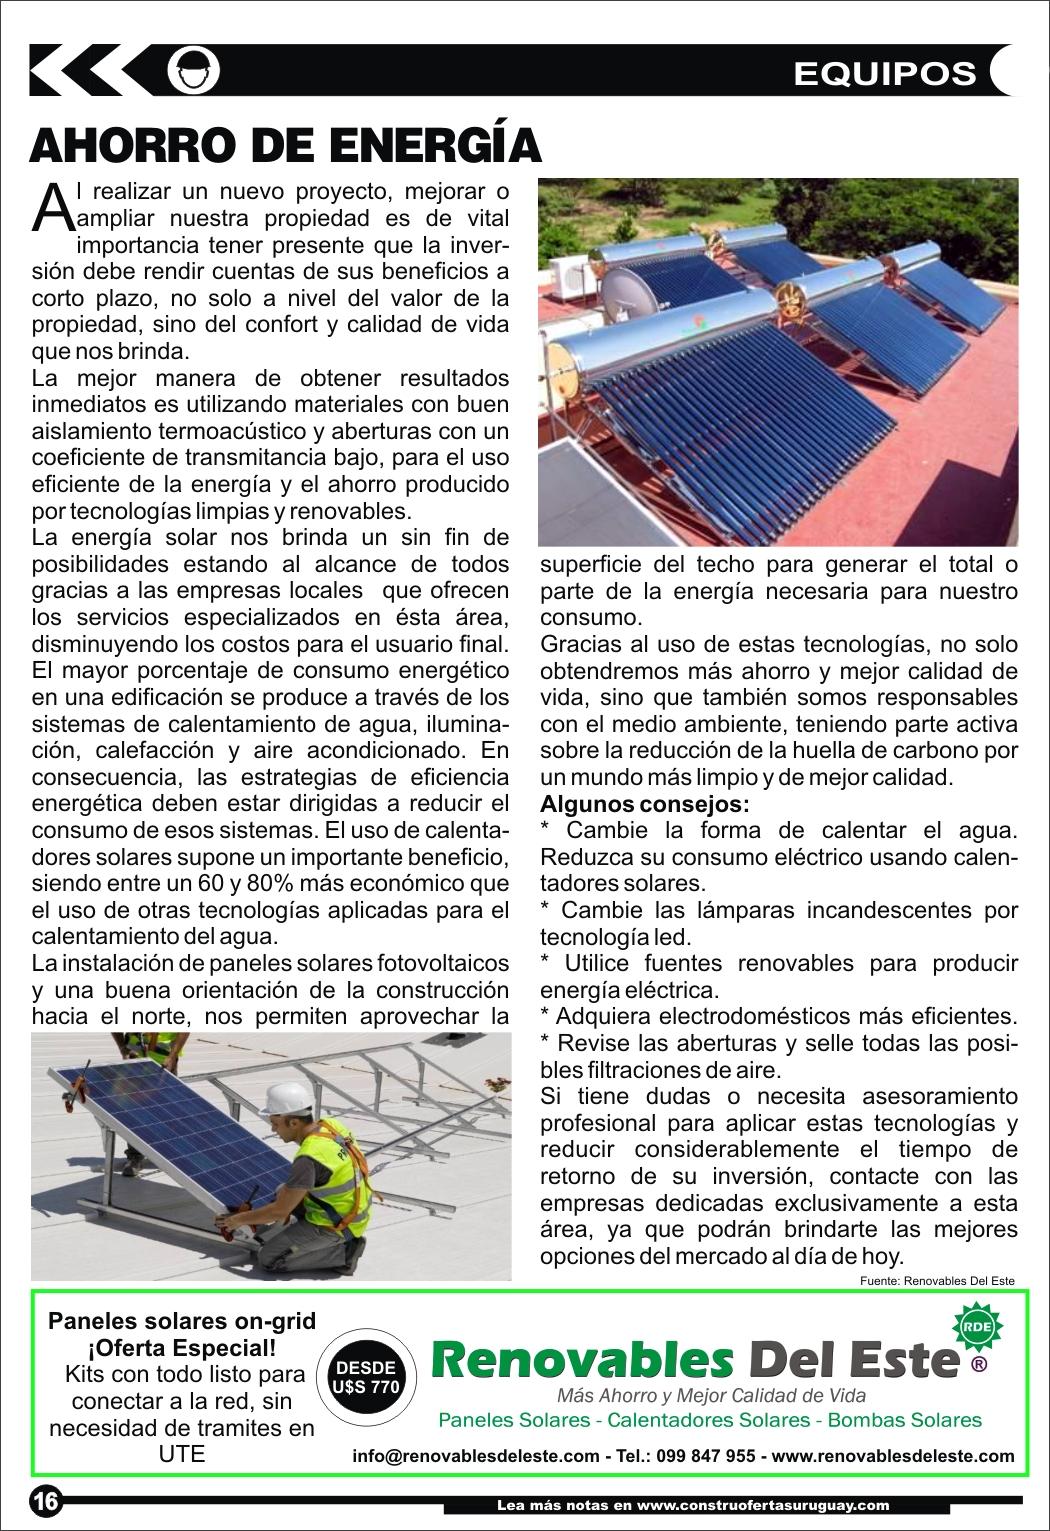 Ahorro_de_Energia_Uruguay-RenovablesDelEste